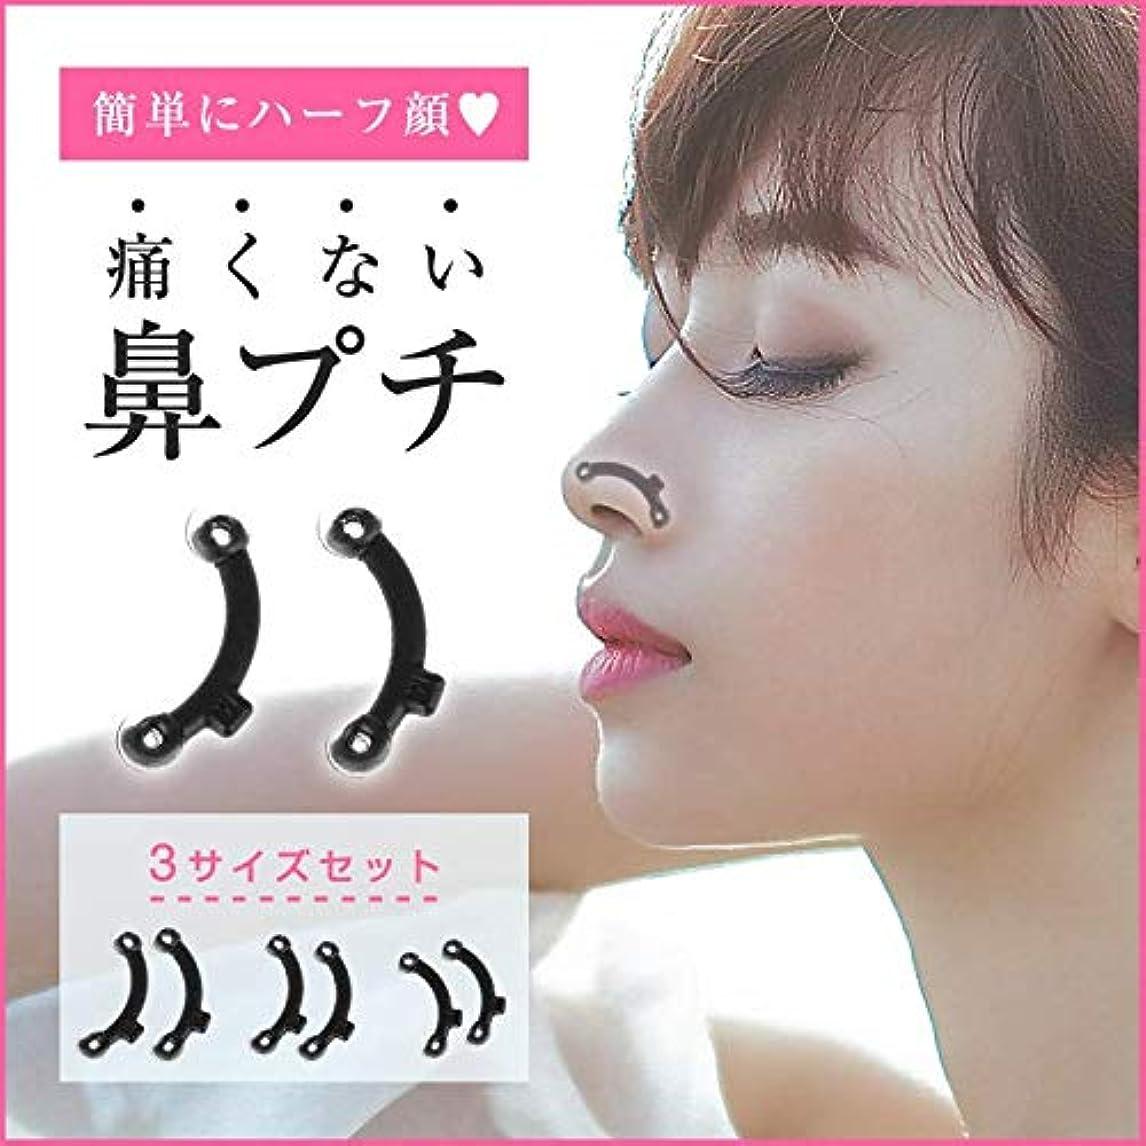 発掘動力学消費する【ジェーン粧】 鼻プチ コポン 、( S M L全3サイズセット)鼻筋スラりん 、鼻のアイプチ 矯正器具 プチ整形